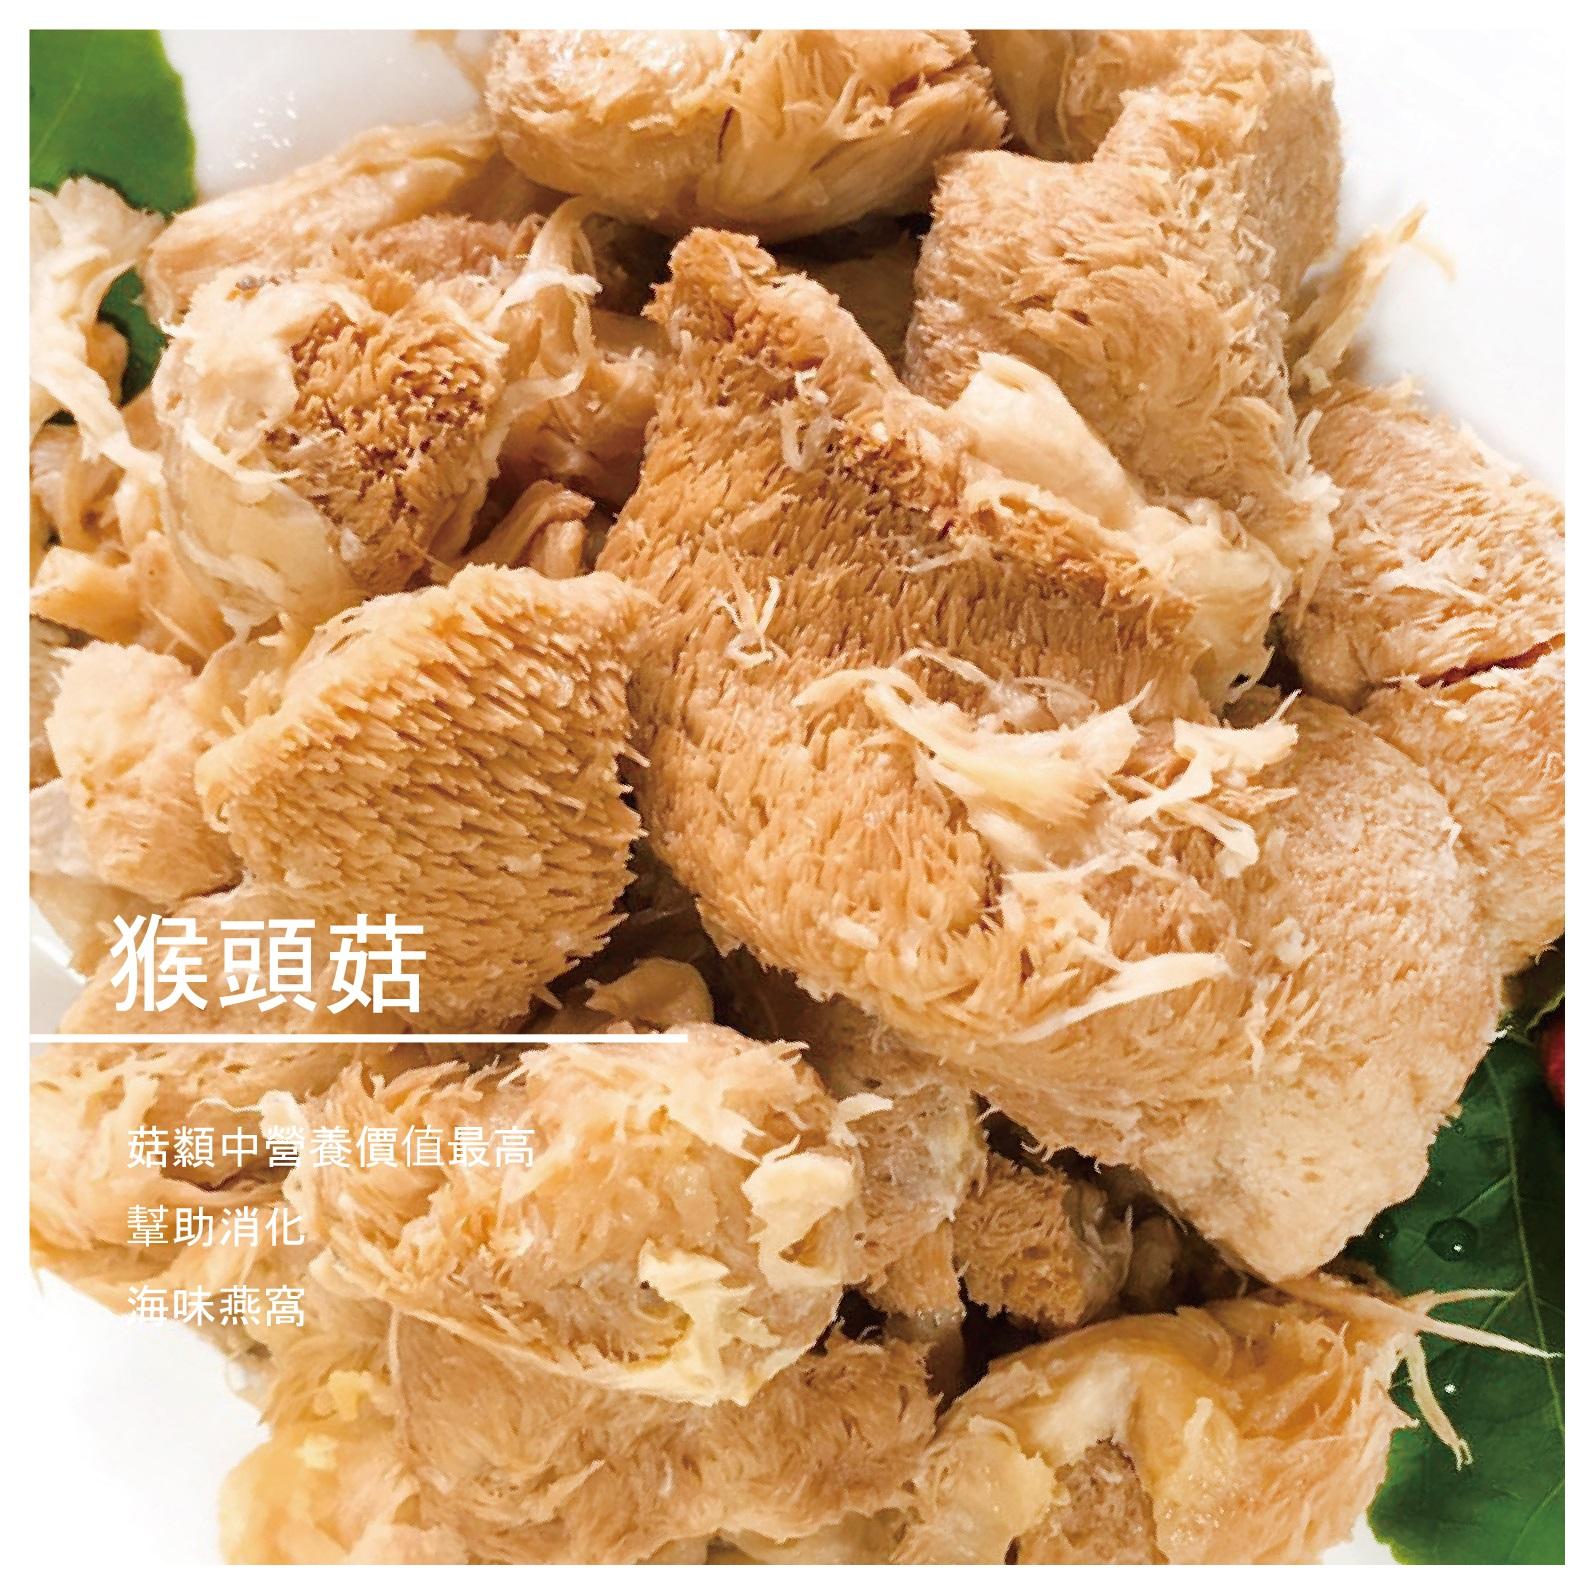 【發宇國際貿易有限公司】猴頭菇/ 600g (蛋奶素)